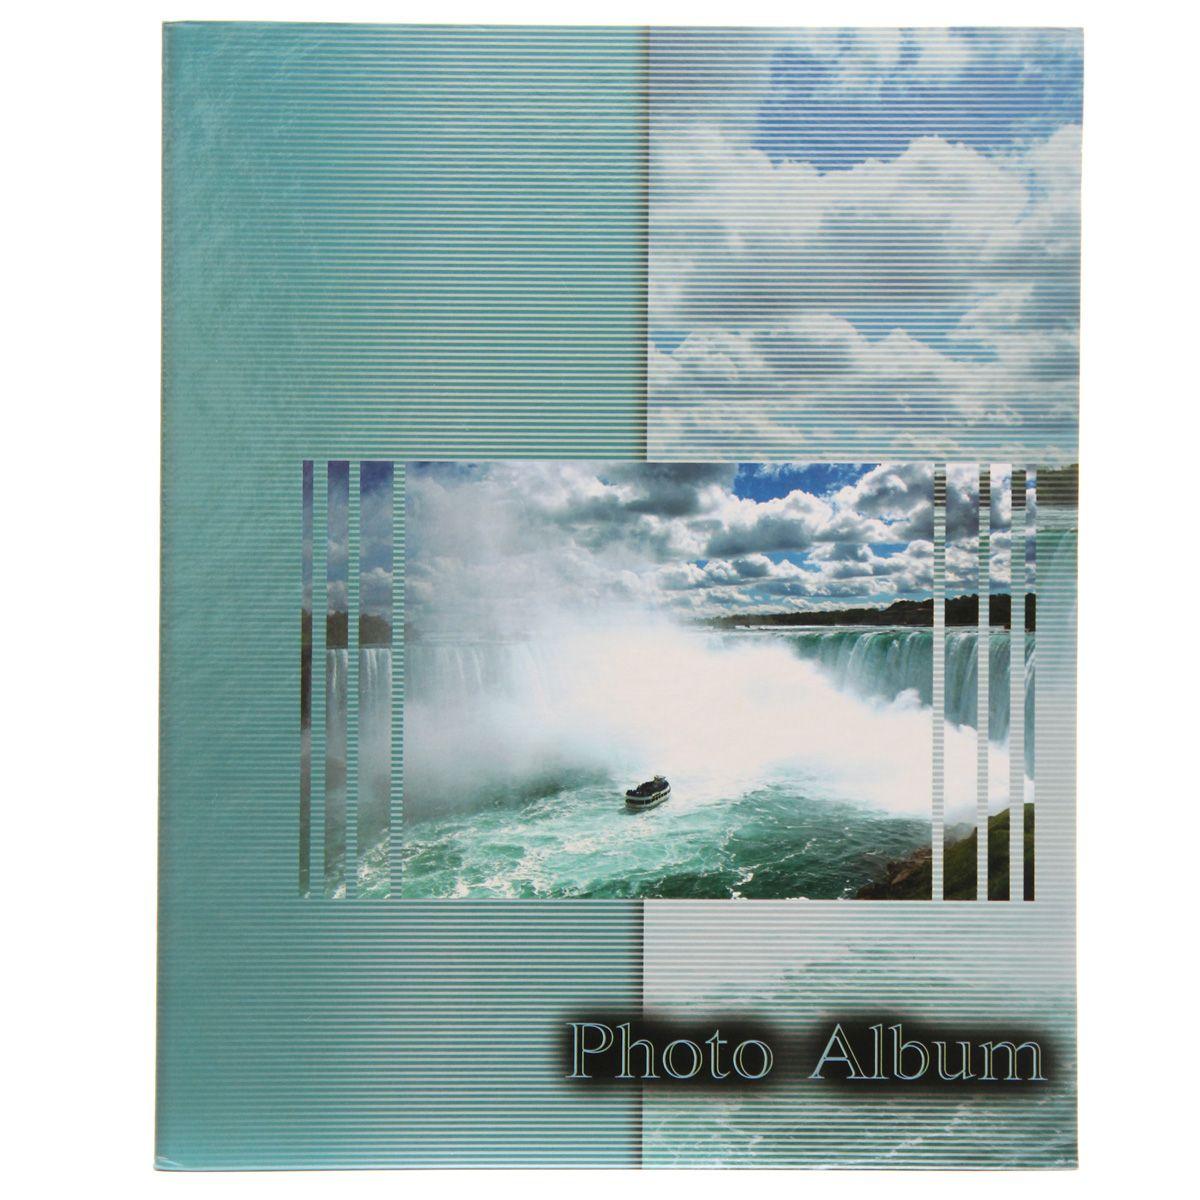 Фотоальбом Pioneer Waterfalls, 200 фотографий, 10 х 15 см, цвет: голубой12723Фотоальбом Pioneer Waterfalls поможет красиво оформить ваши самые интересныефотографии. Обложка из толстого картона оформлена оригинальным принтом. Фотоальбом рассчитан на 200 фотографий форматом 10 x 15 см. Внутри содержится блок из 50 листов с окошками из полипропилена, одна страница оформлена двумя окошками для фотографий. Такой необычный фотоальбом позволит легко заполнить страницы вашей истории, и с годами ничего не забудется.Тип обложки: картон.Тип листов: полипропиленовые.Тип переплета: высокочастотная сварка. Материалы, использованные в изготовлении альбома, обеспечивают высокое качество хранения ваших фотографий, поэтому фотографии не желтеют со временем.